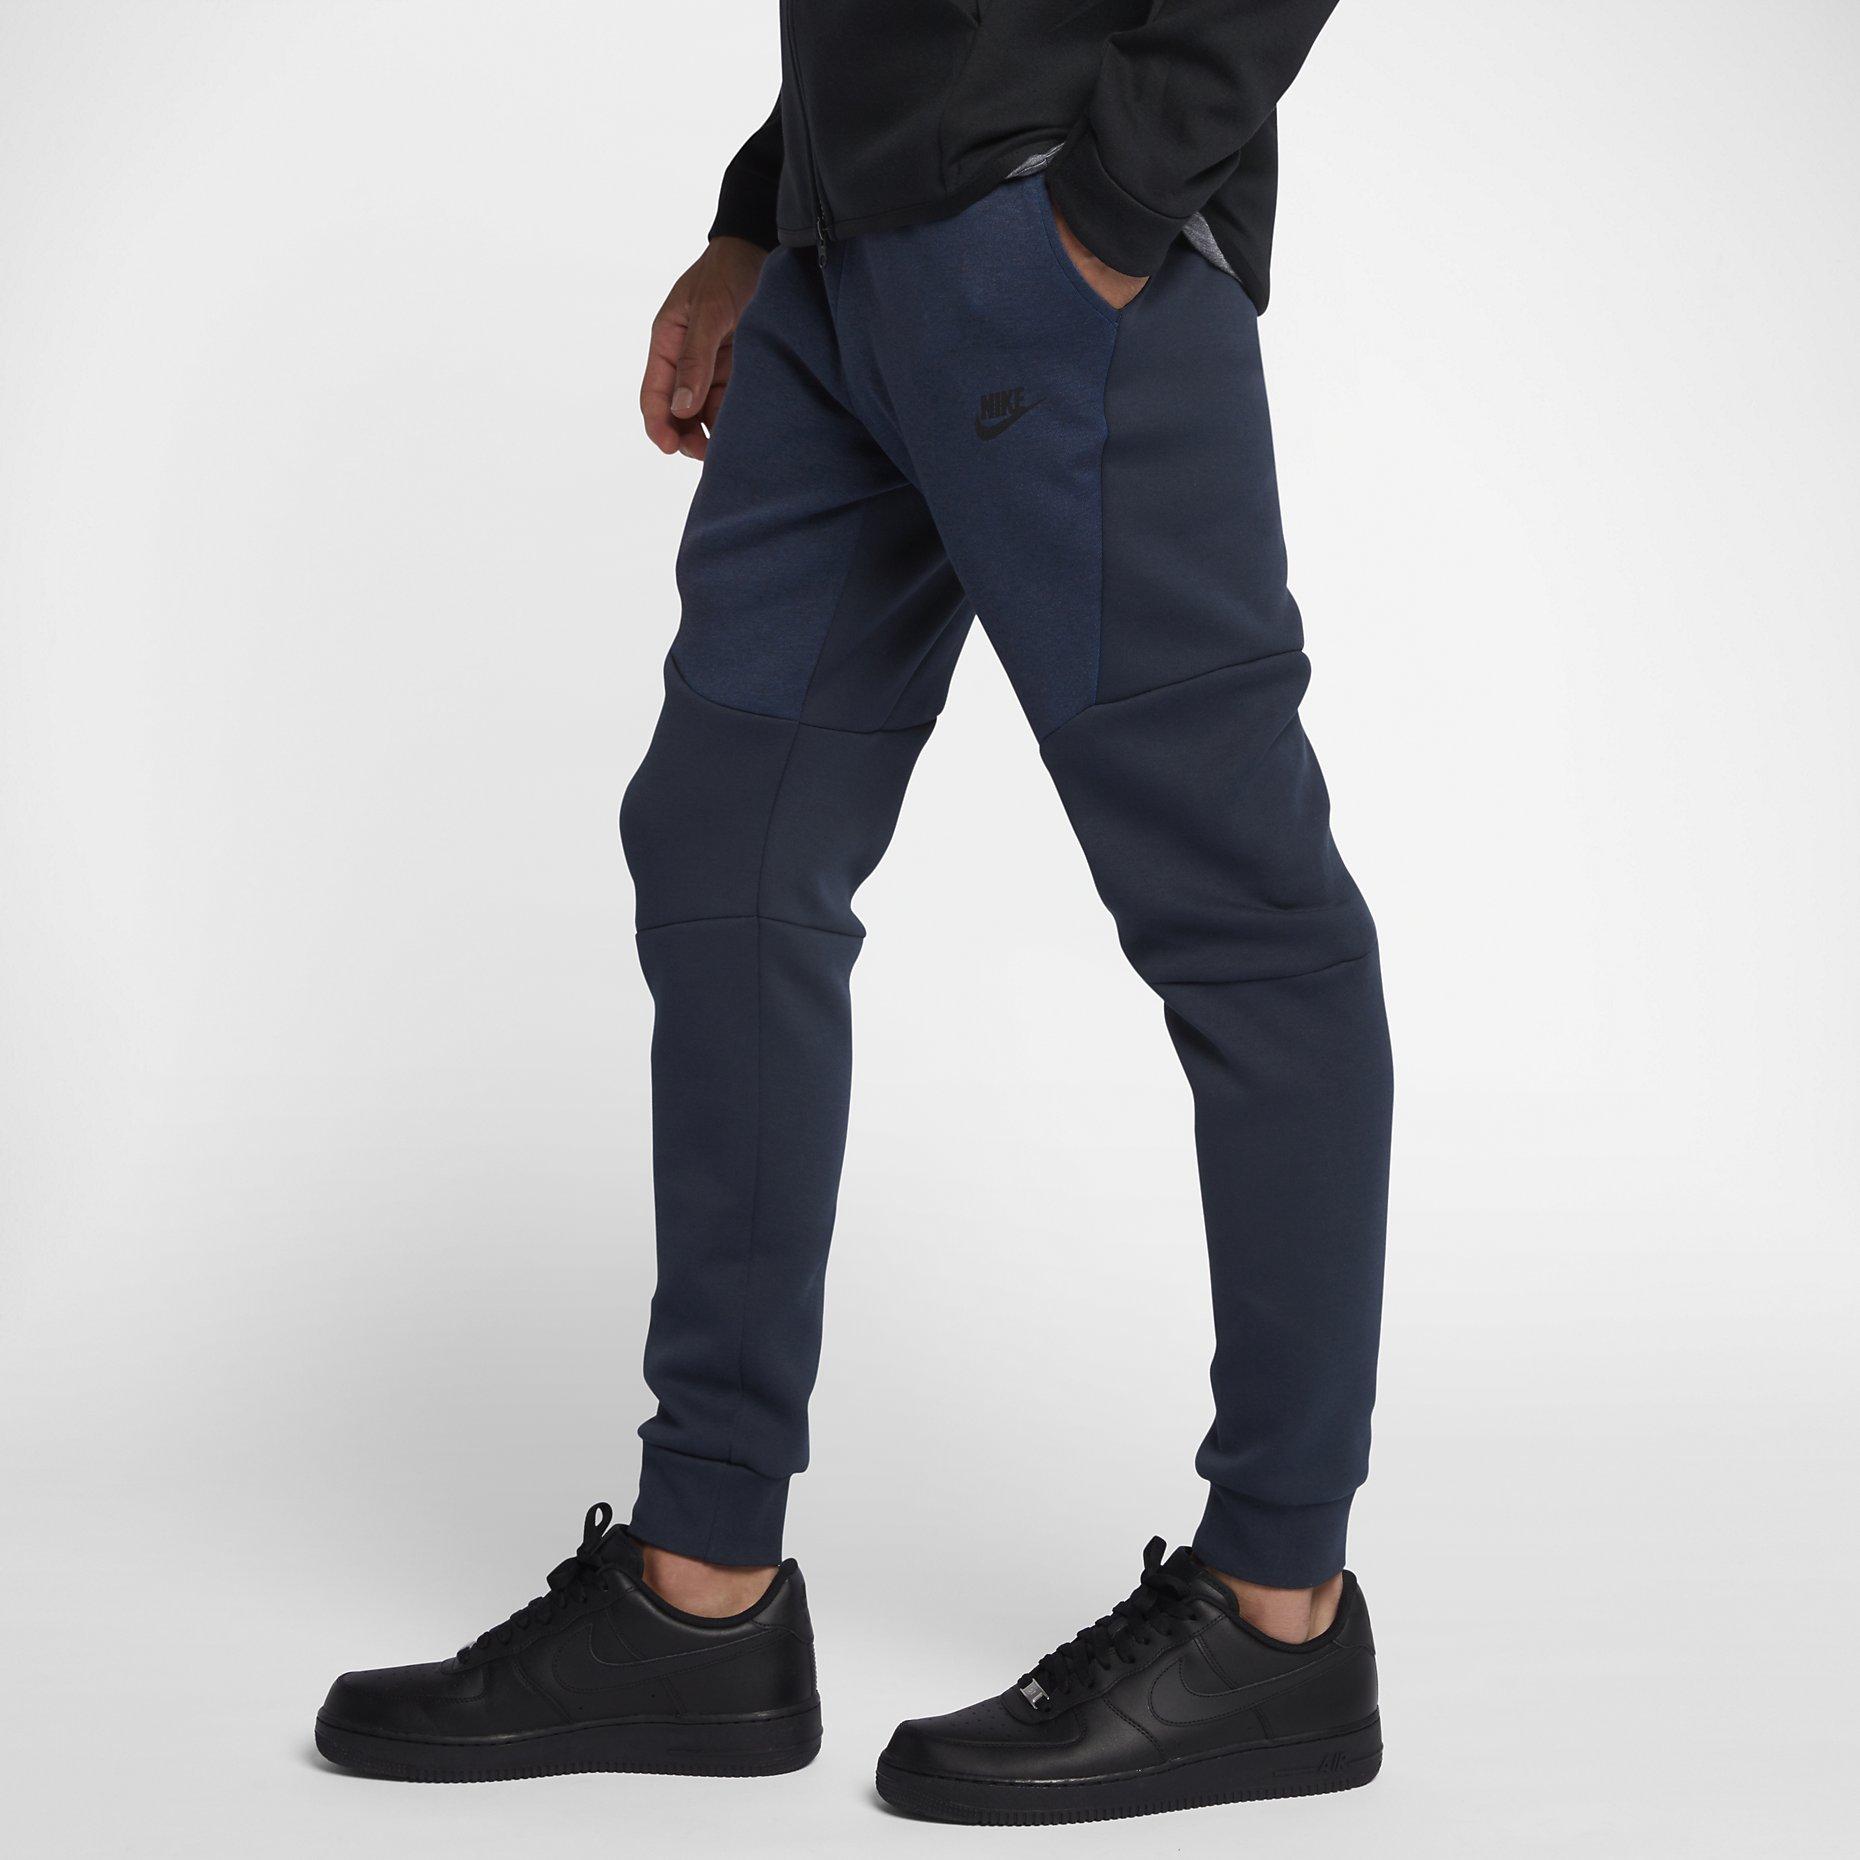 sportswear-tech-fleece-mens-joggers (1).jpg